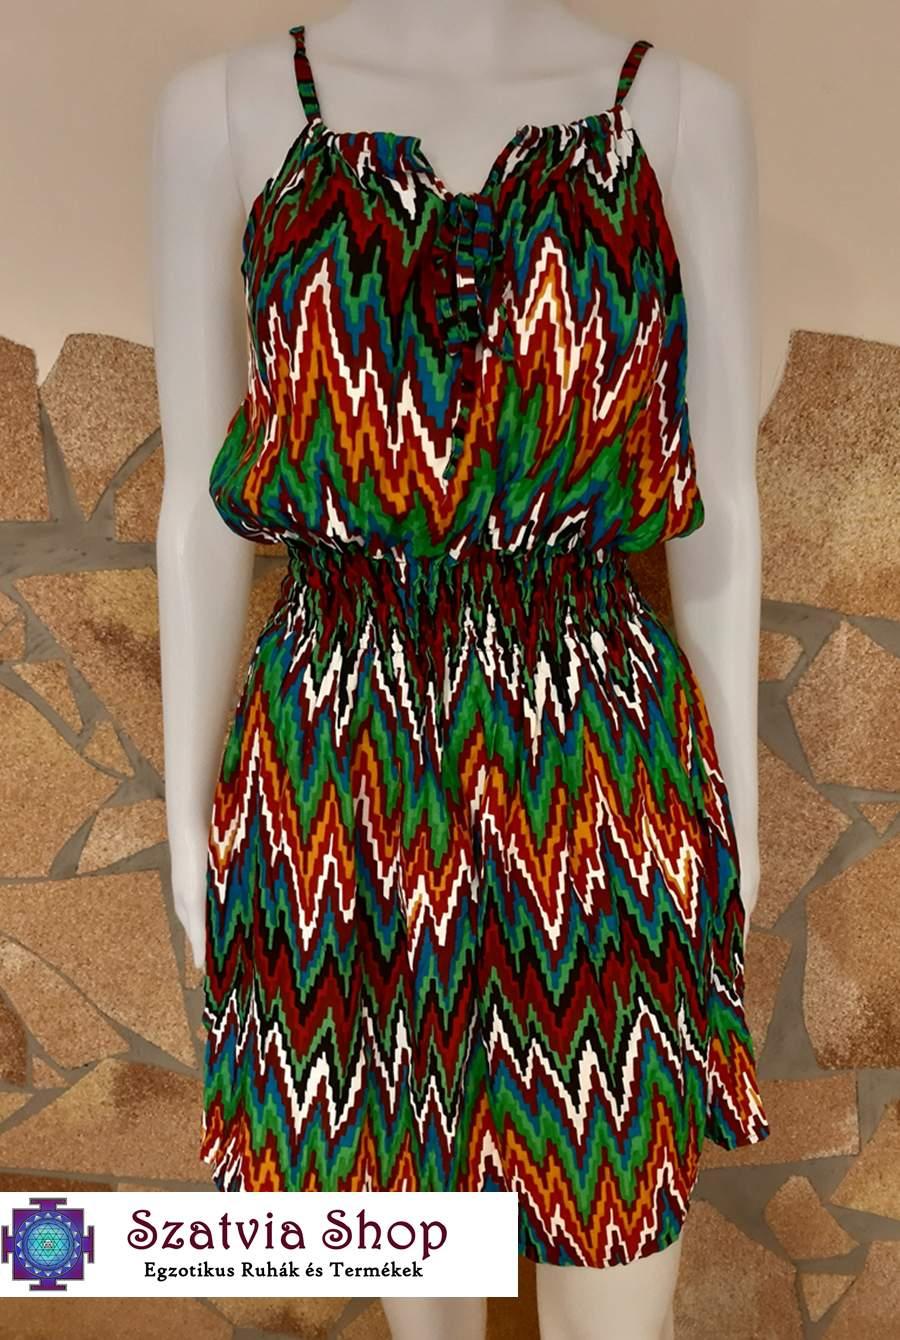 Spagetti pántos, -cikk-cakk mintás, nyári ruha